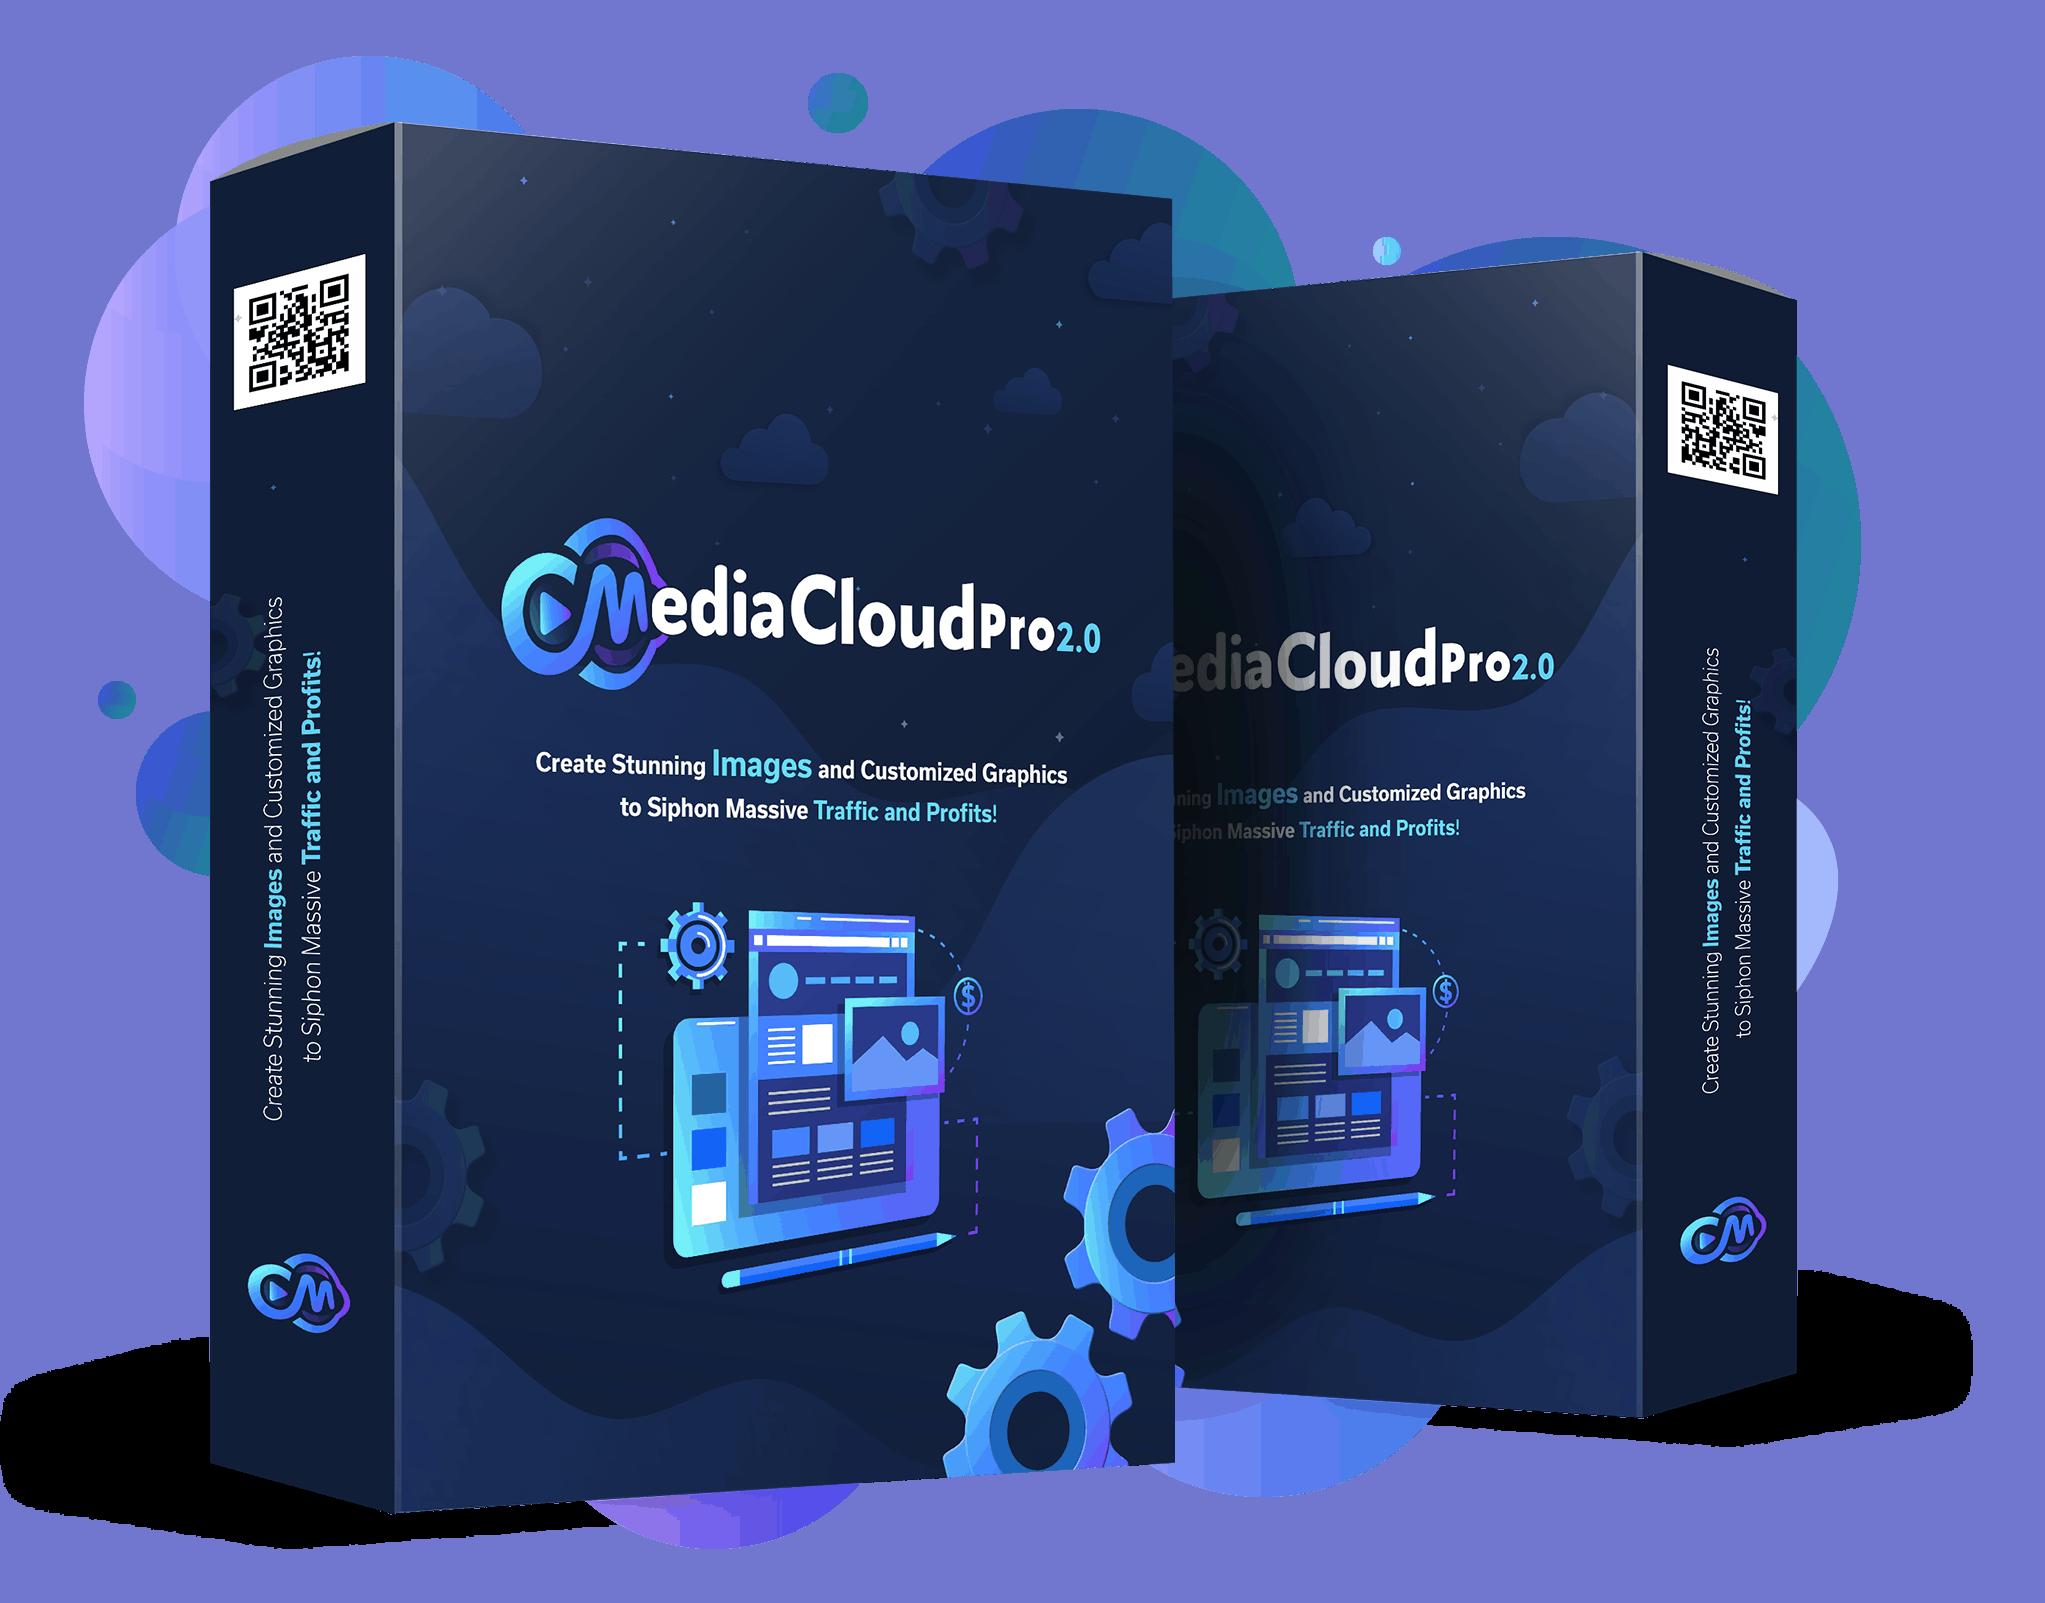 MediaCloudPro 2.0 Digital Media